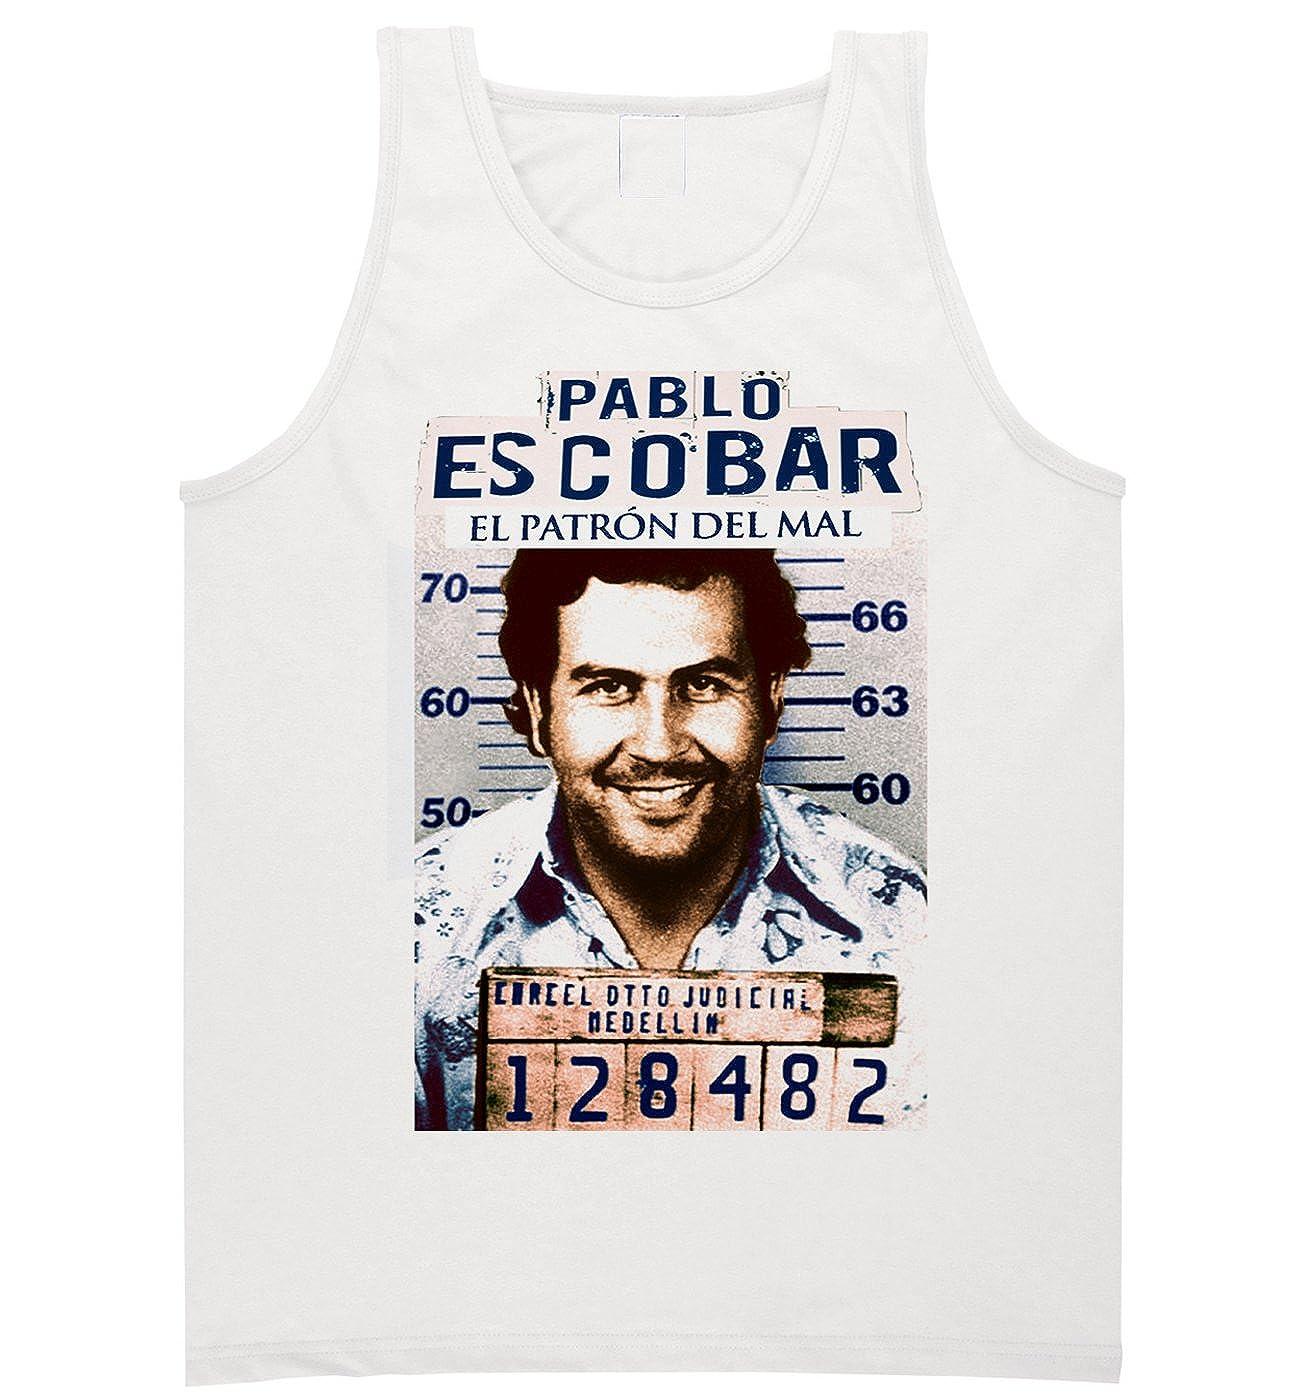 b745a145 Pablo Escobar Medellin Cartel Colombia T-shirt El Patron Tank Top in Color  at Amazon Men's Clothing store: